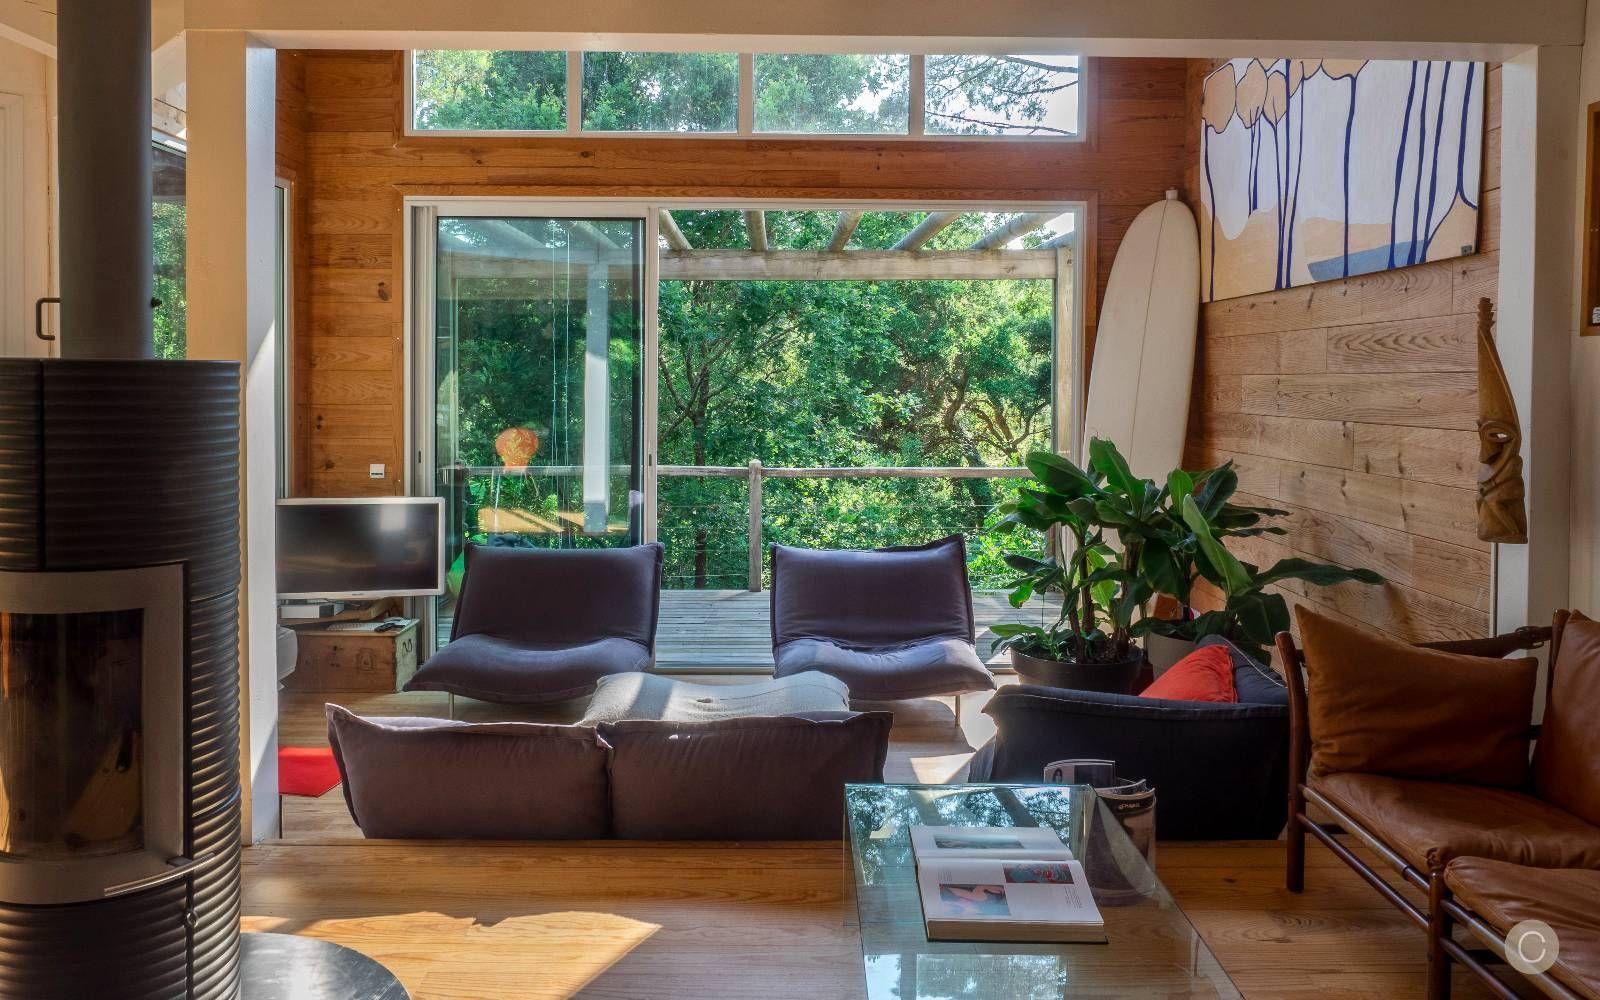 Casalino - Magnifique villa familiale avec piscine à louer dans les Landes | Décoration maison ...